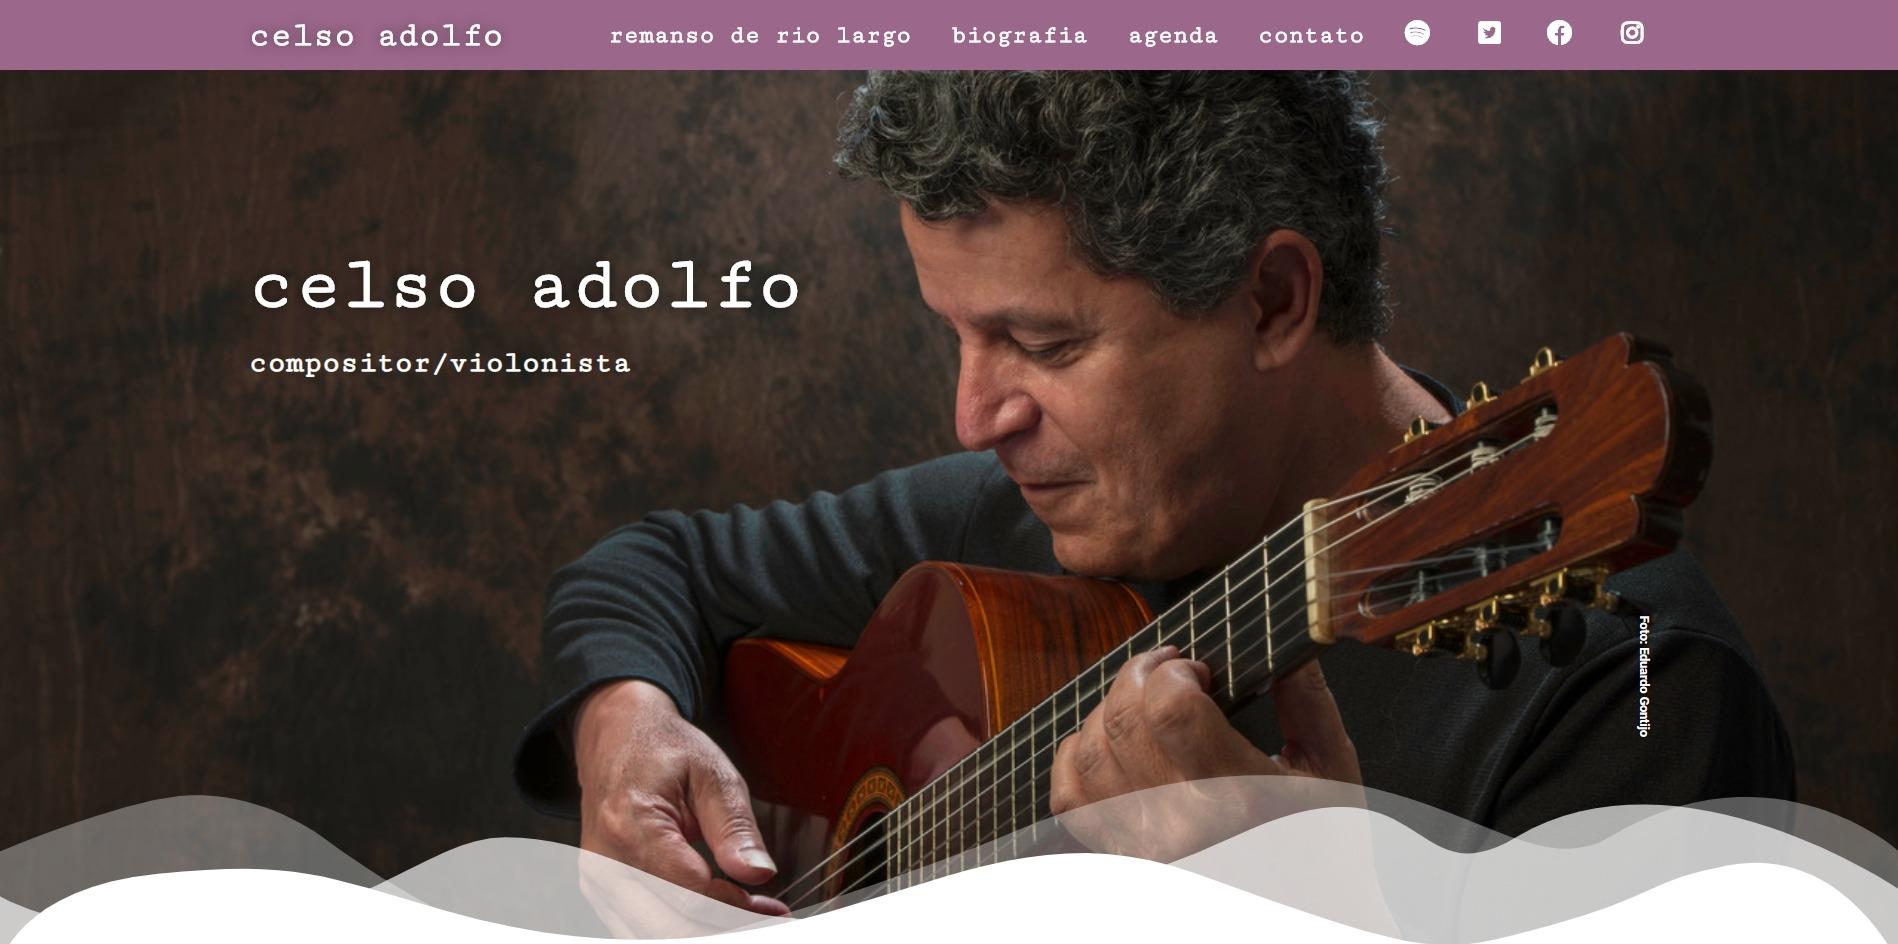 portfolio-celsoadolfo.com.br